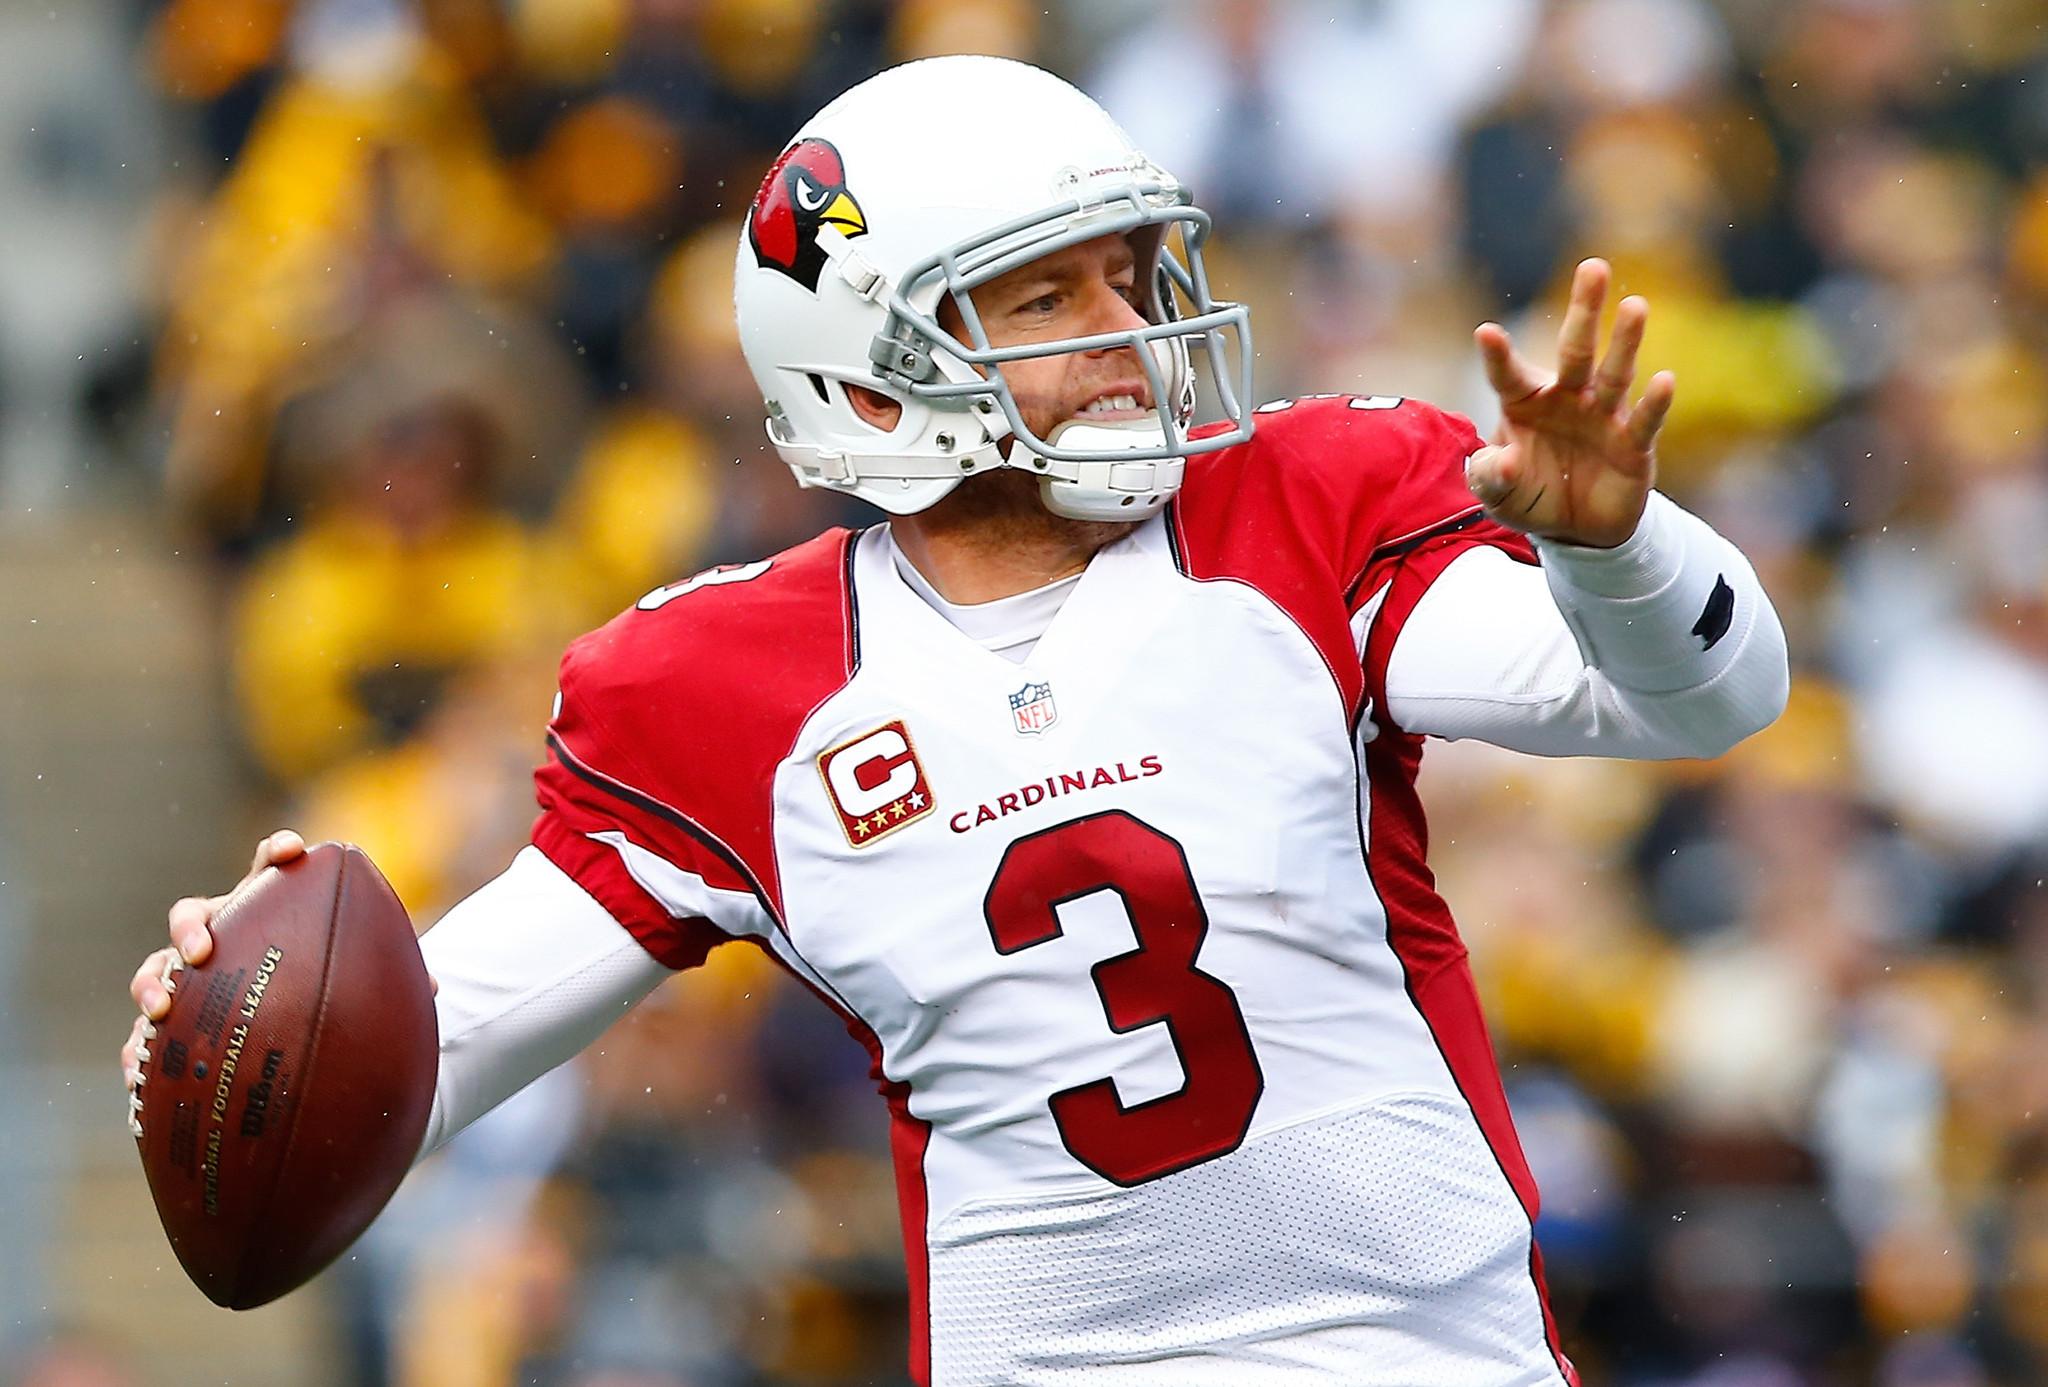 carson palmer cardinals morris buddy ring quarterback football coach ravens room honor bs sp 1024 defending smartest game press ibtimes